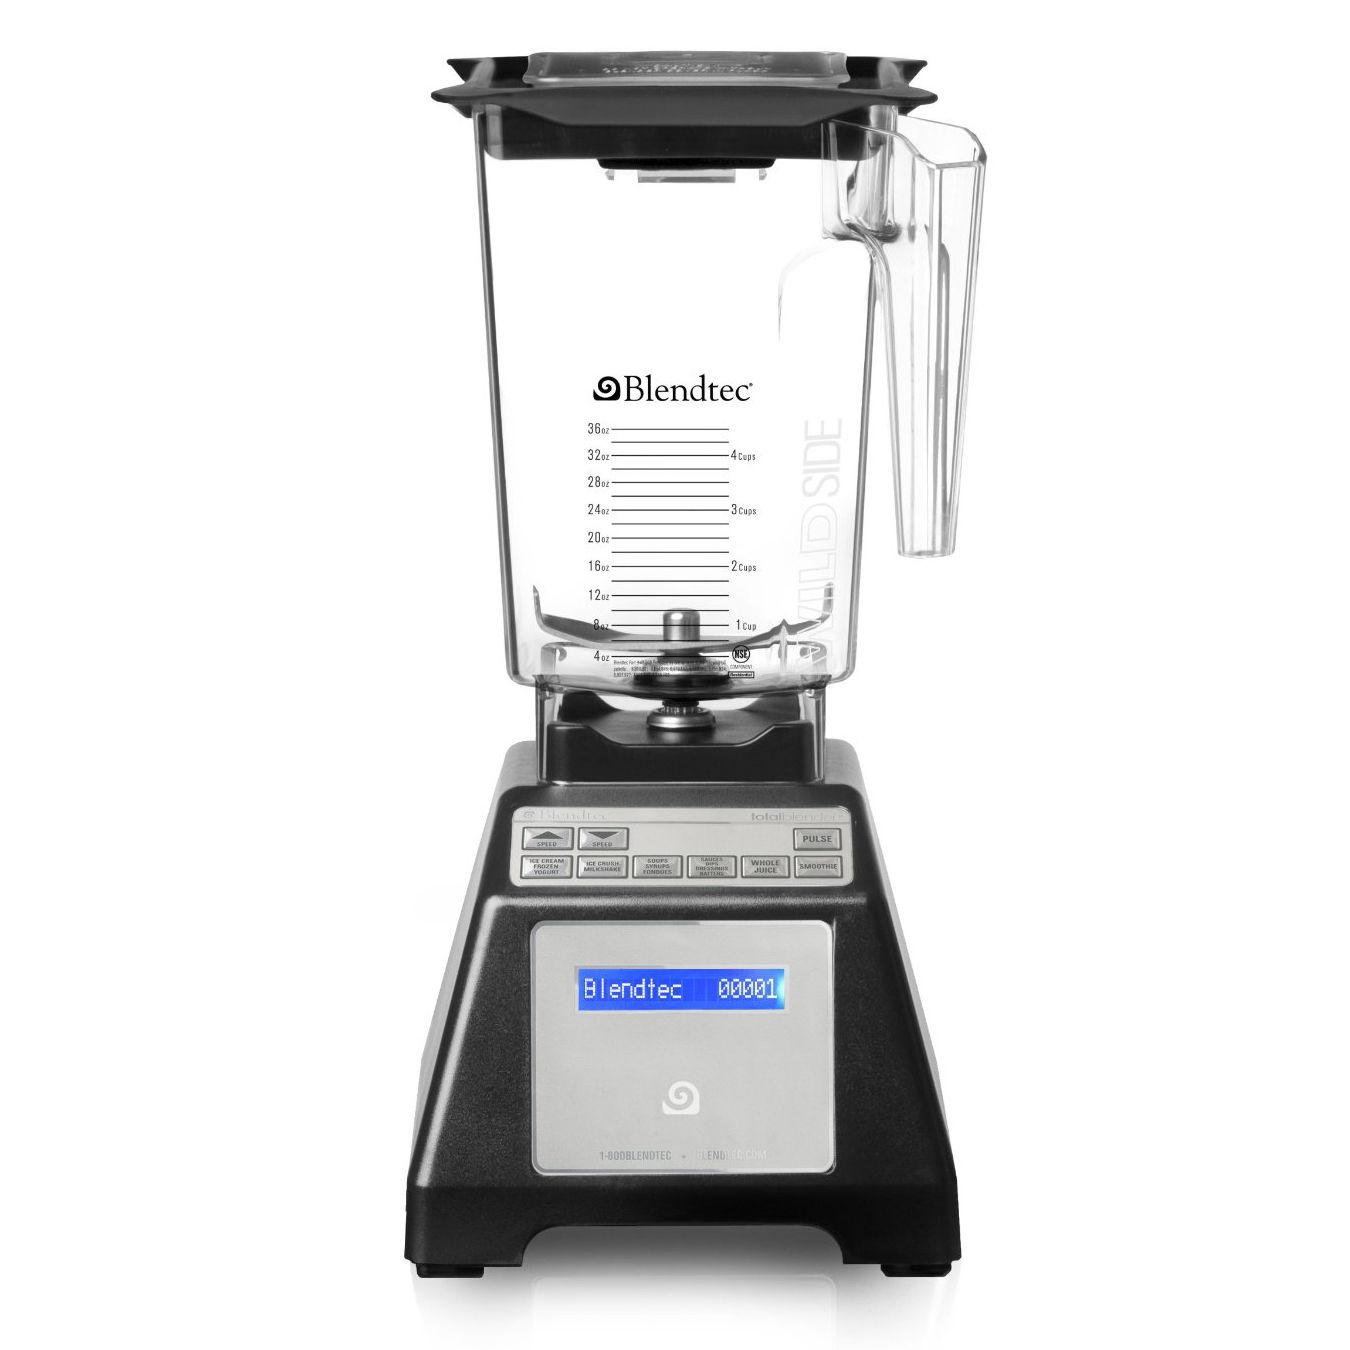 Blendtec TB-621-25 Total Blender w/ WildSide Jar (Refurbished) $190 + Free Shipping! (eBay Daily Deal)